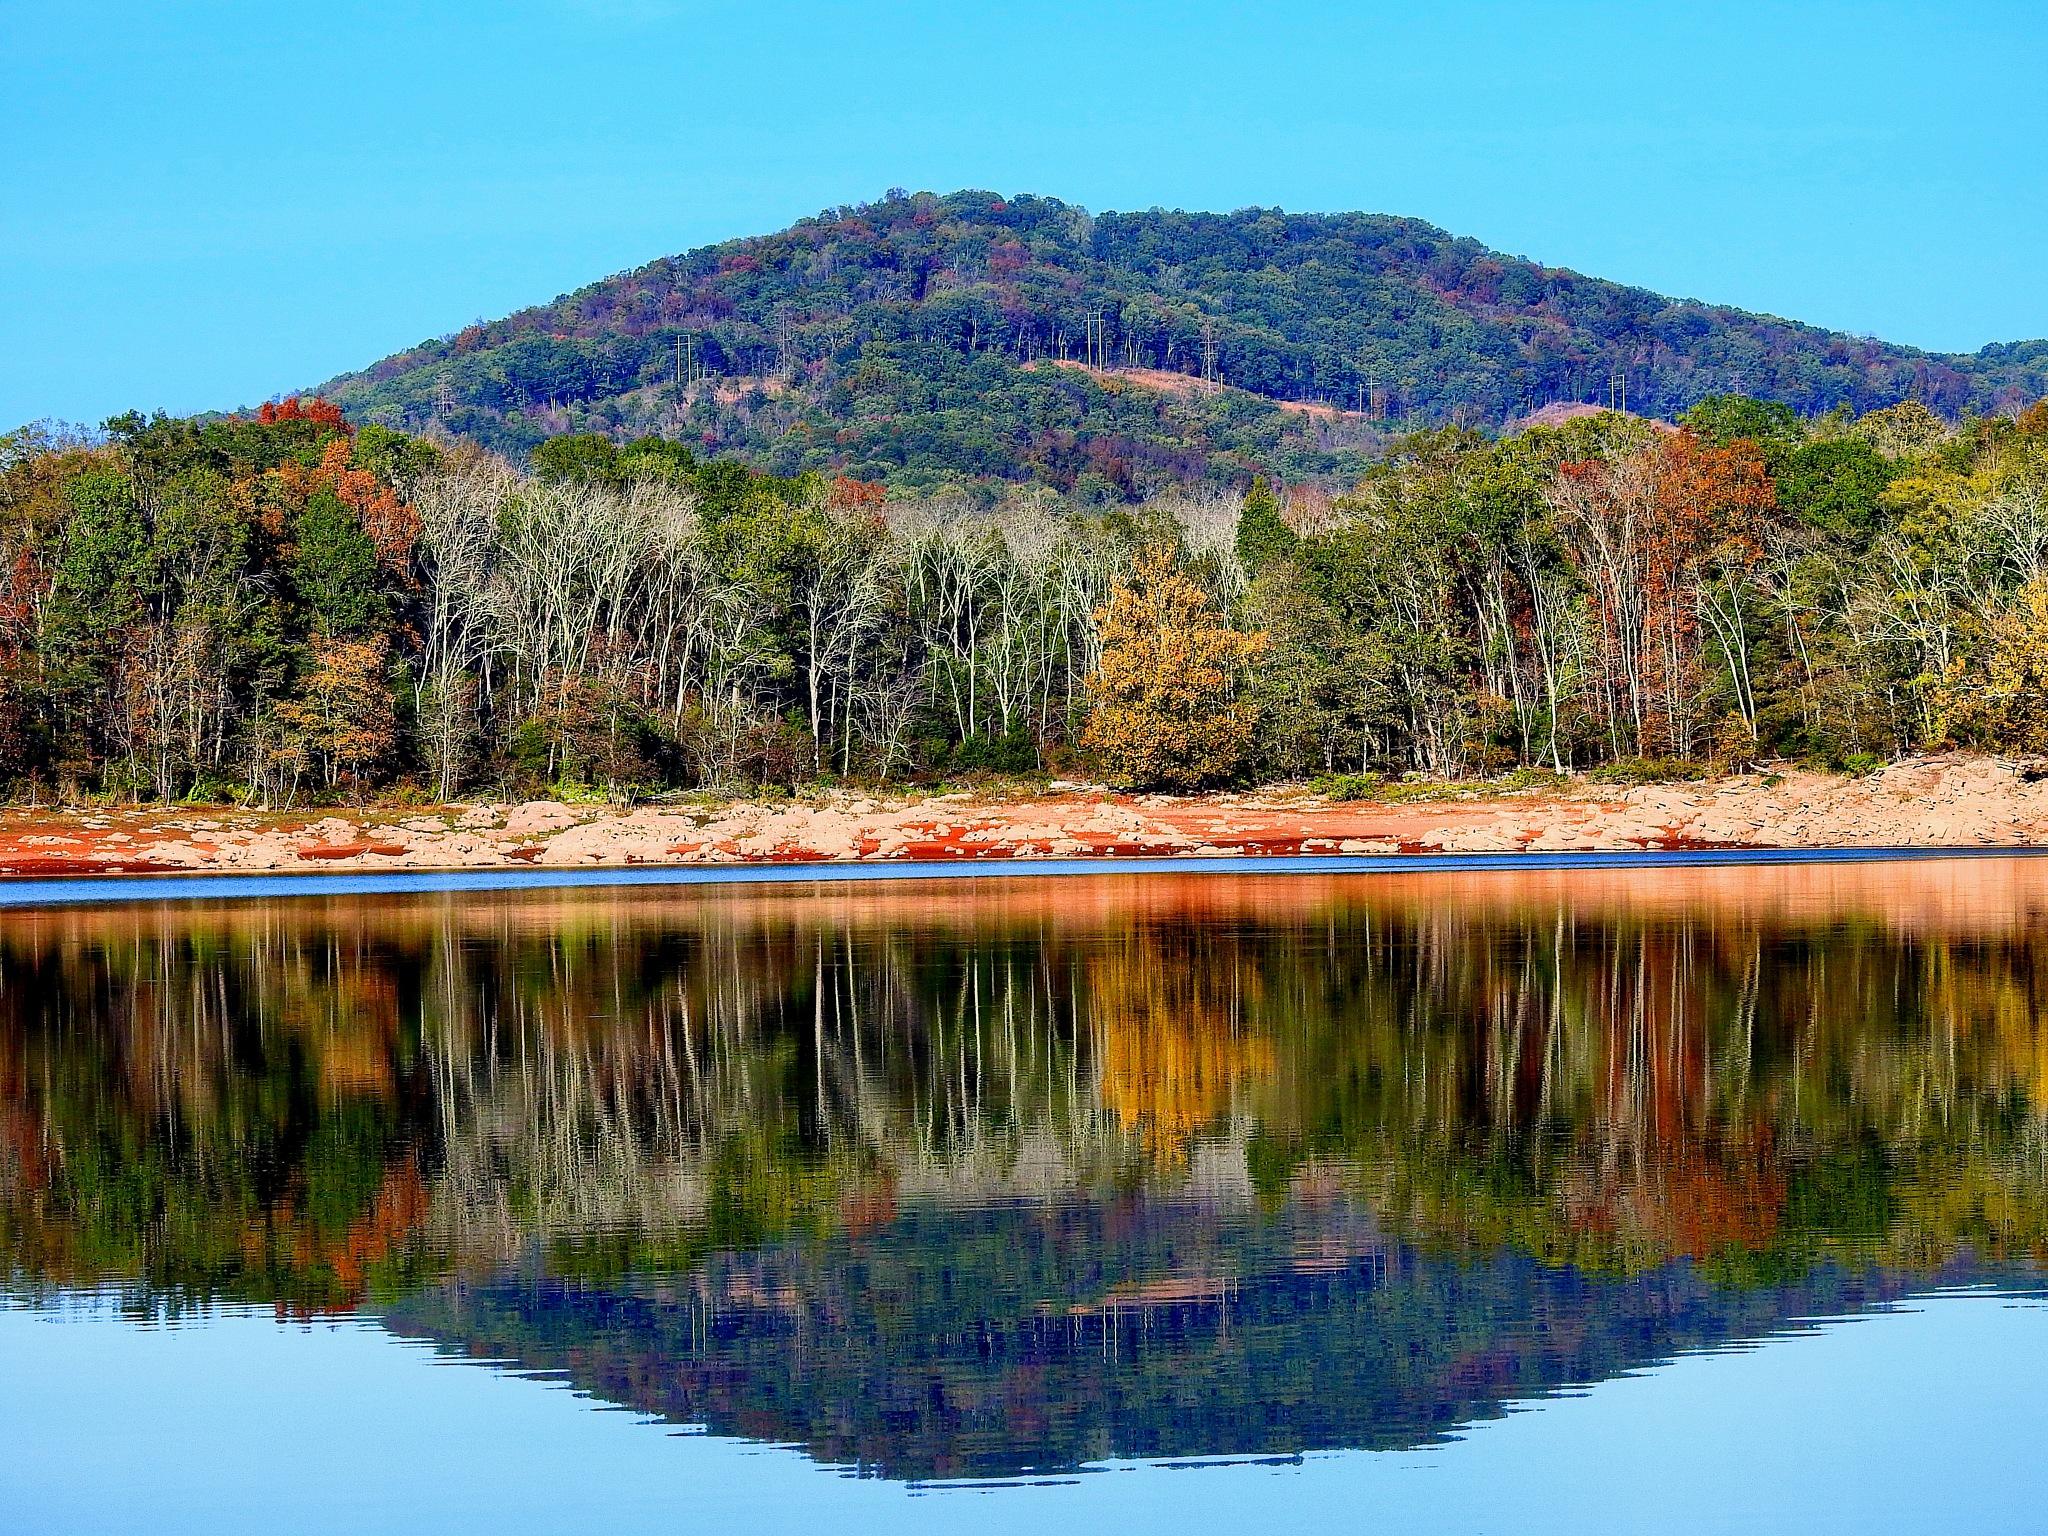 Lake Reflections by Patty Stockton